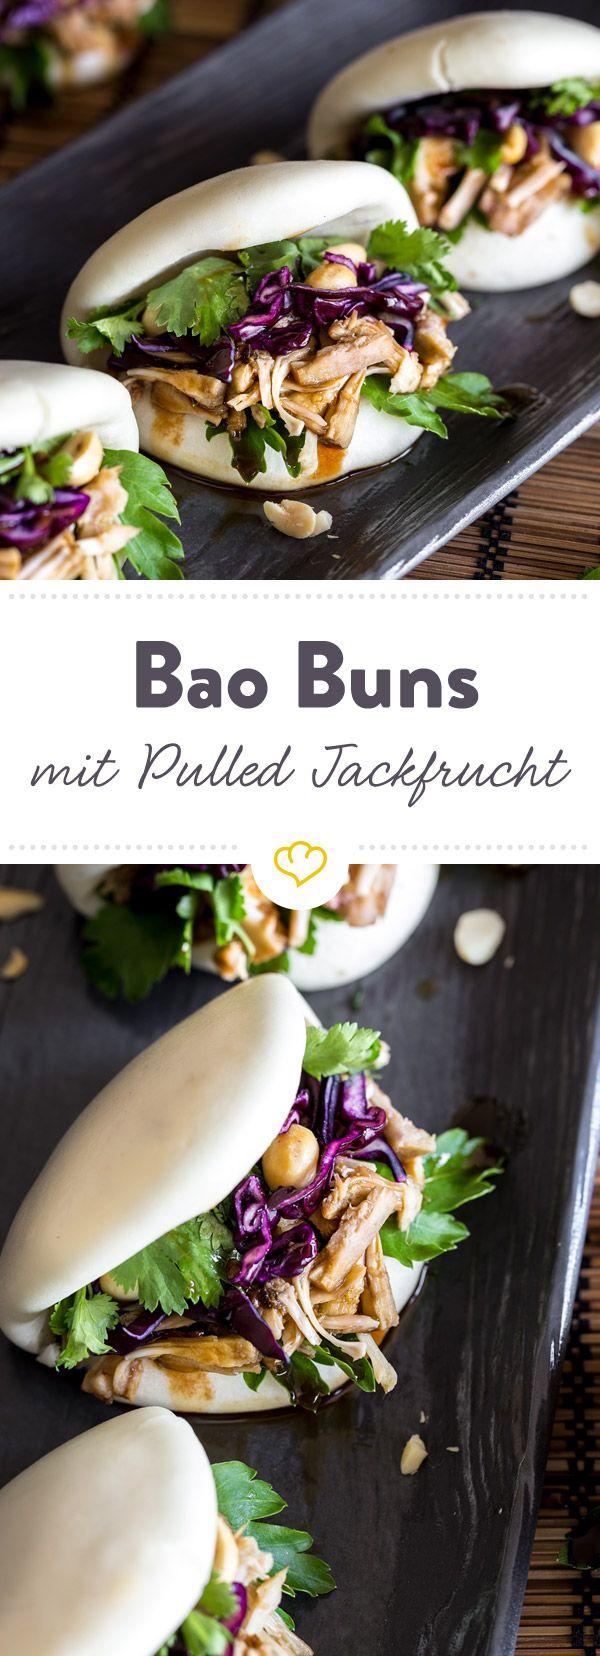 In diese Bao Buns kommt die Pulled Jackfrucht: Dadurch sind sie nicht nur unglaublich schmackhaft, sondern auch noch komplett frei von tierischen Produkten.